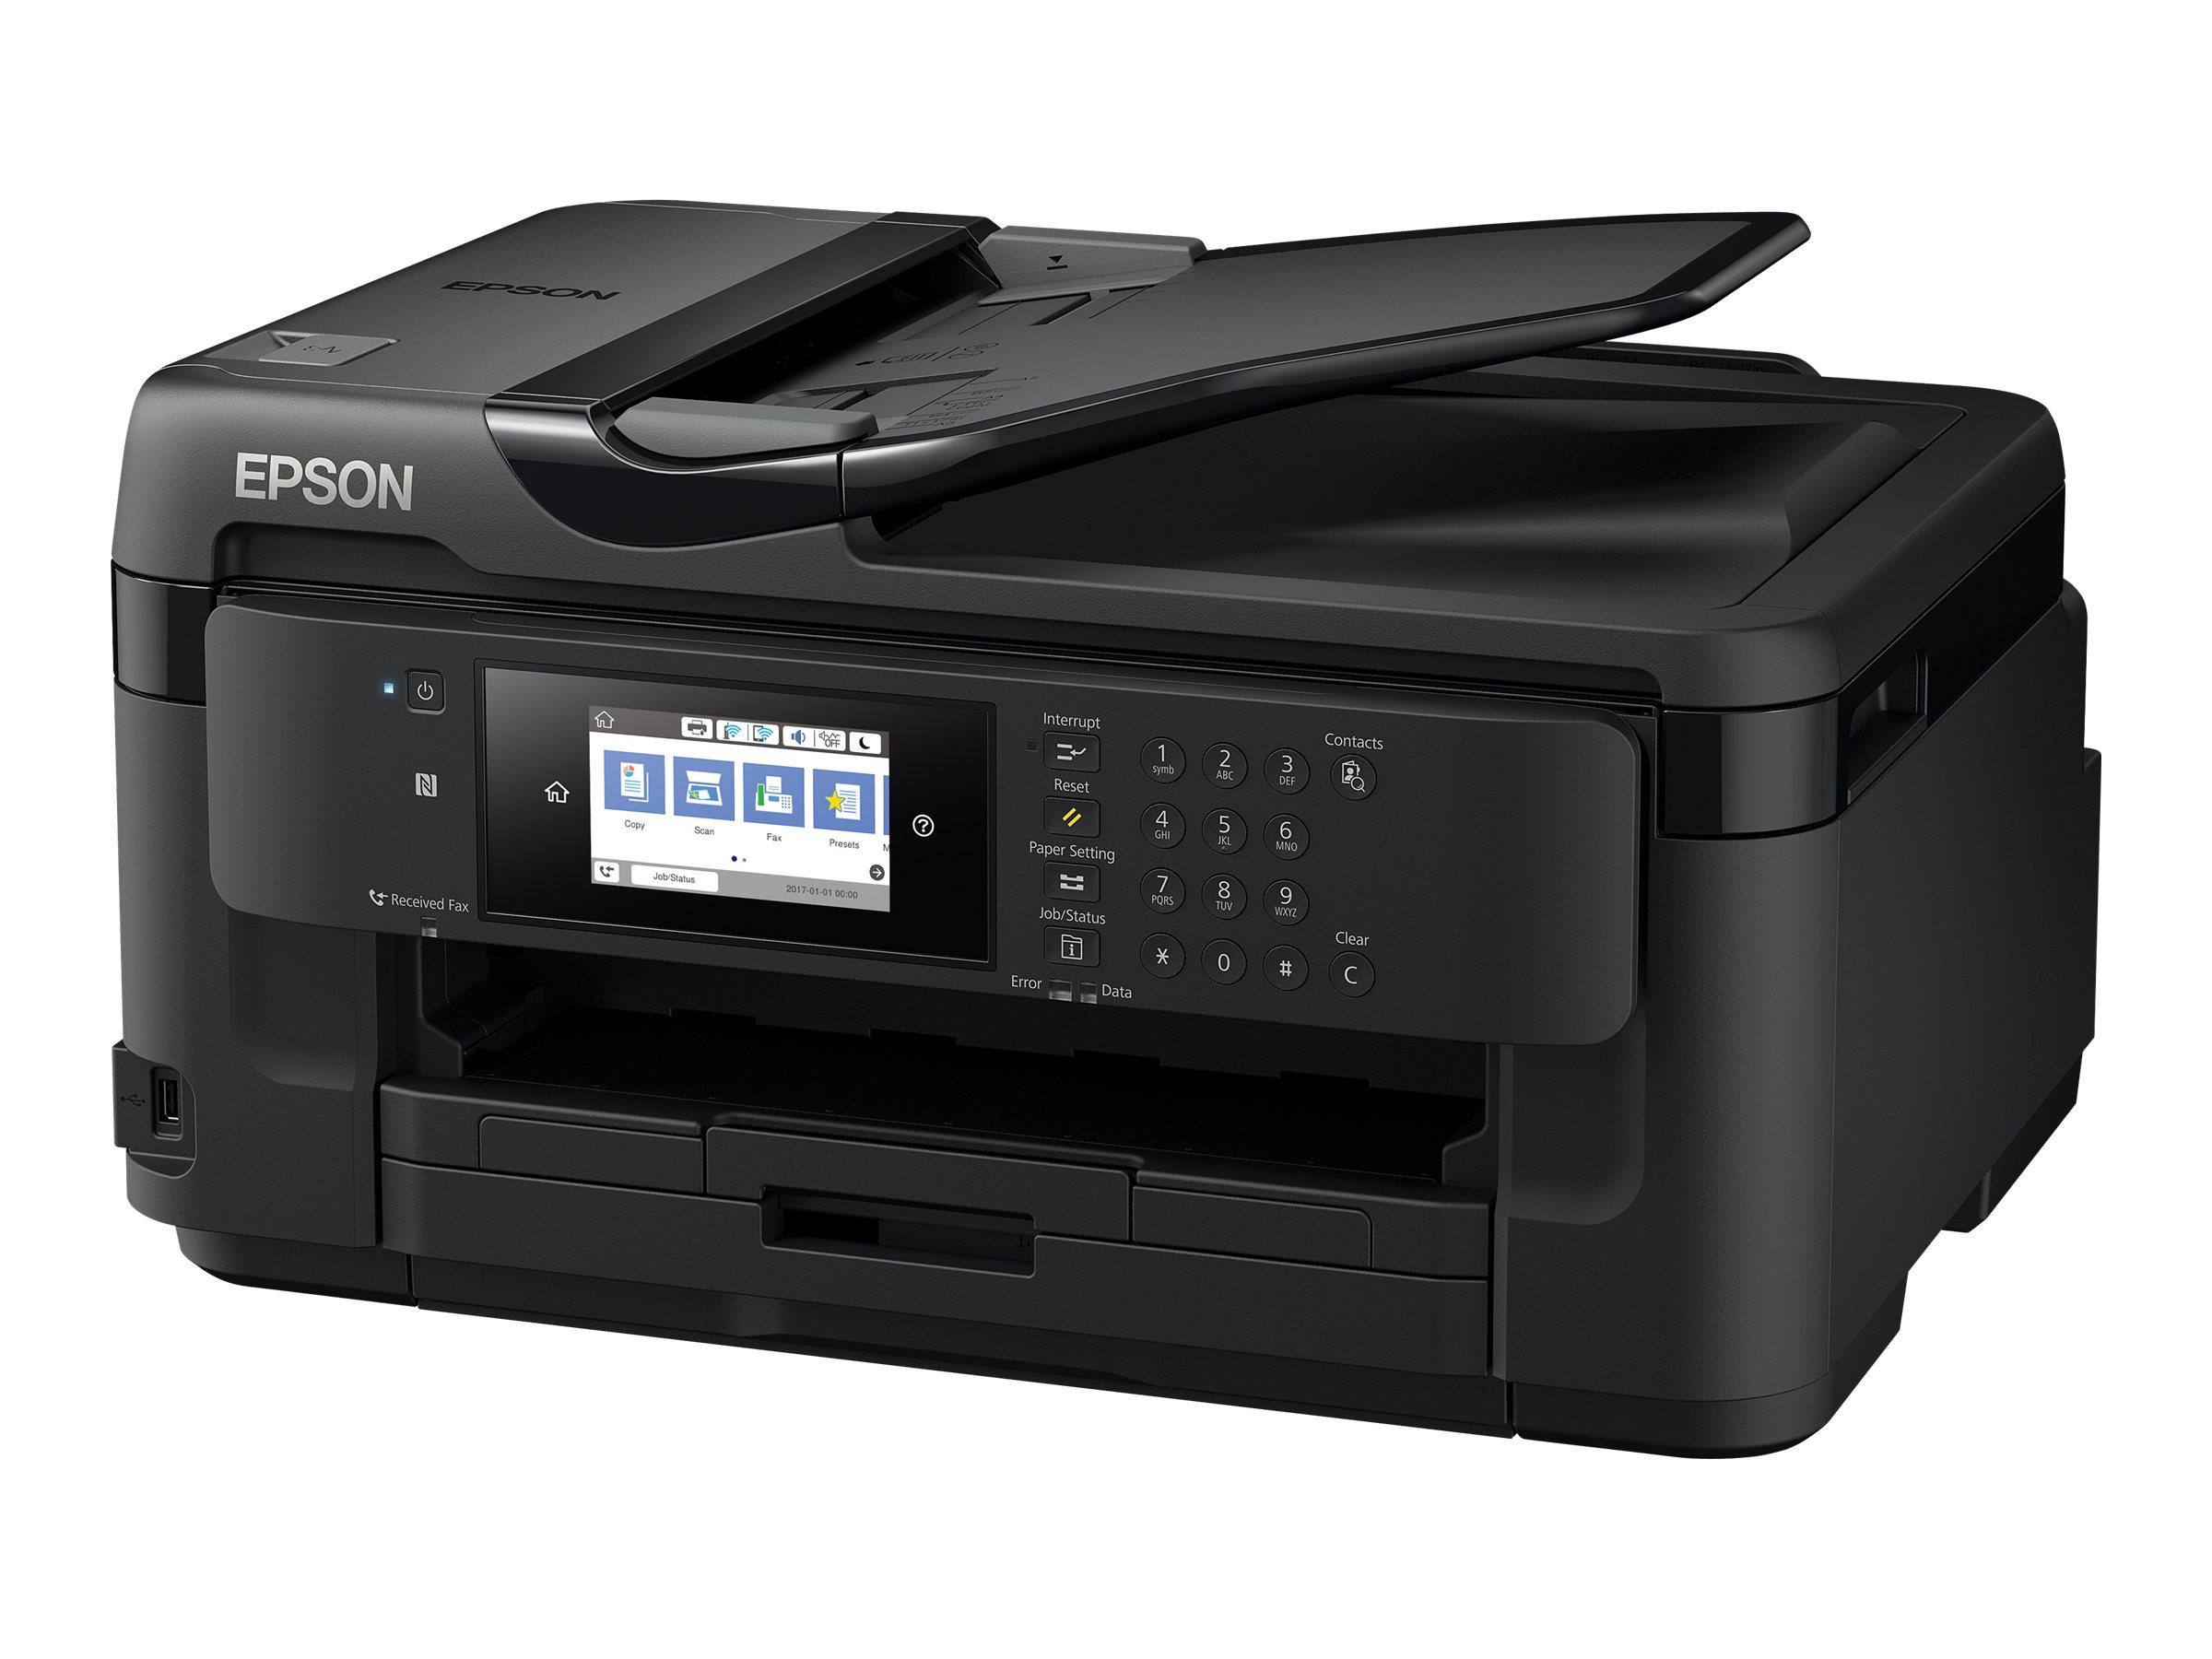 Epson WorkForce WF-7715DWF - Multifunktionsdrucker - Farbe - Tintenstrahl - A3 (Medien) - bis zu 32 Seiten/Min. (Drucken)